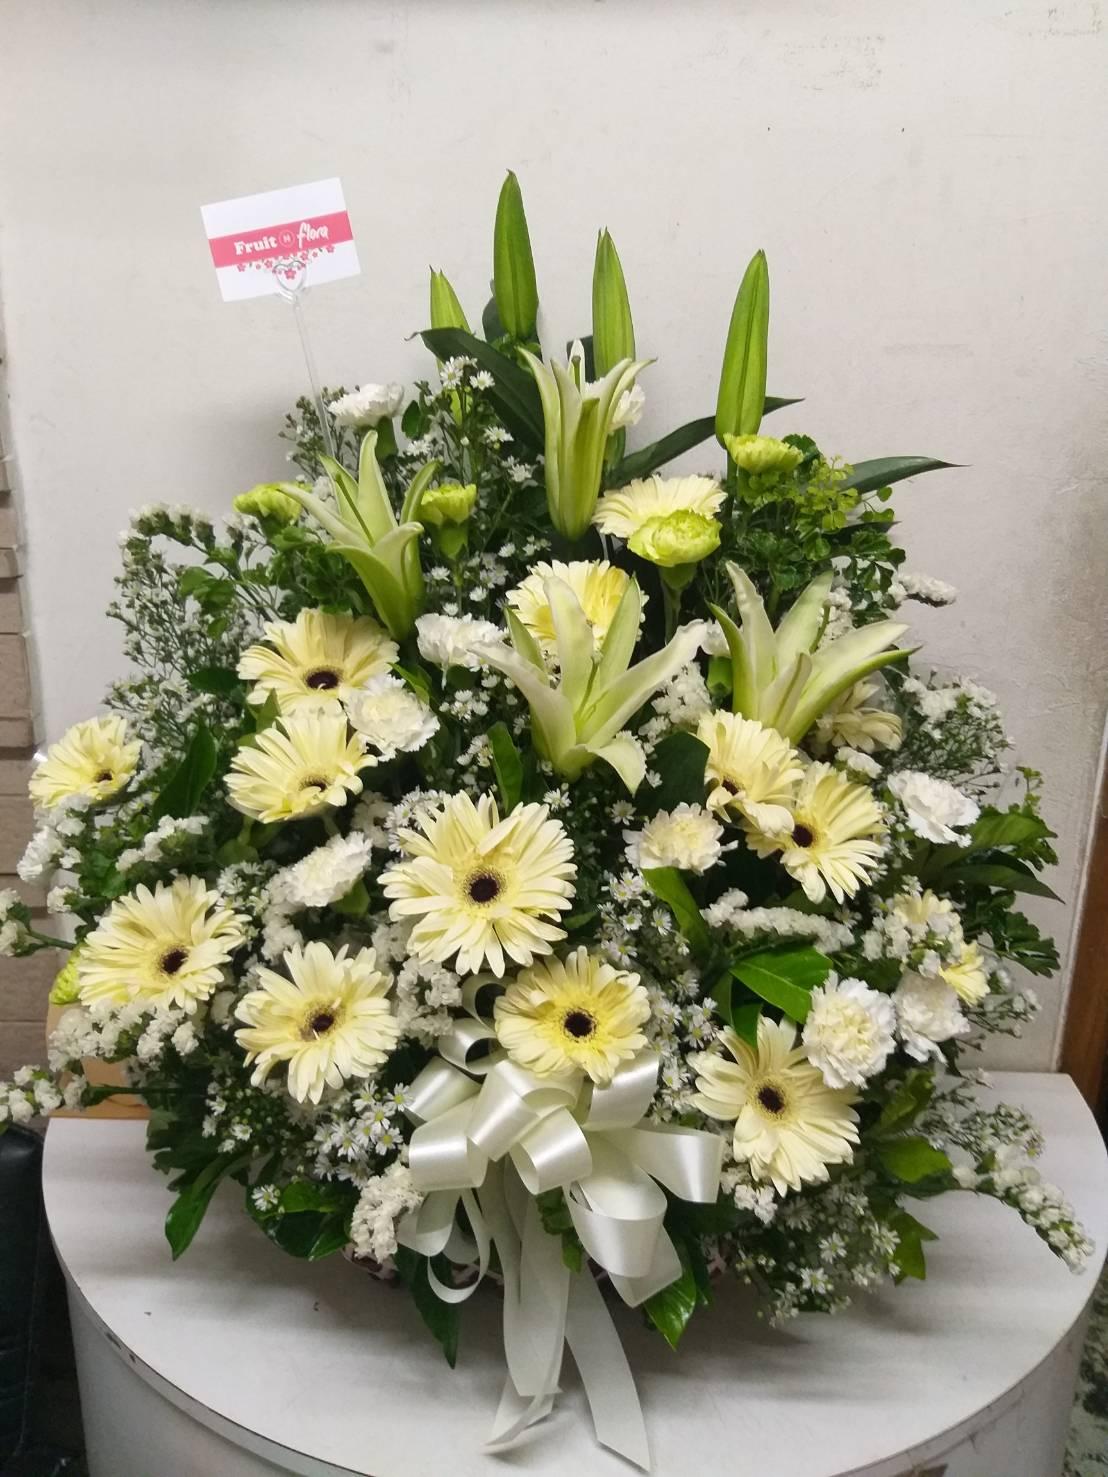 กระเช้าดอกไม้โทนสีขาว-เหลือง จัดแต่งด้วยดอกไม้นานาพันธุ์อย่างสวยงาม